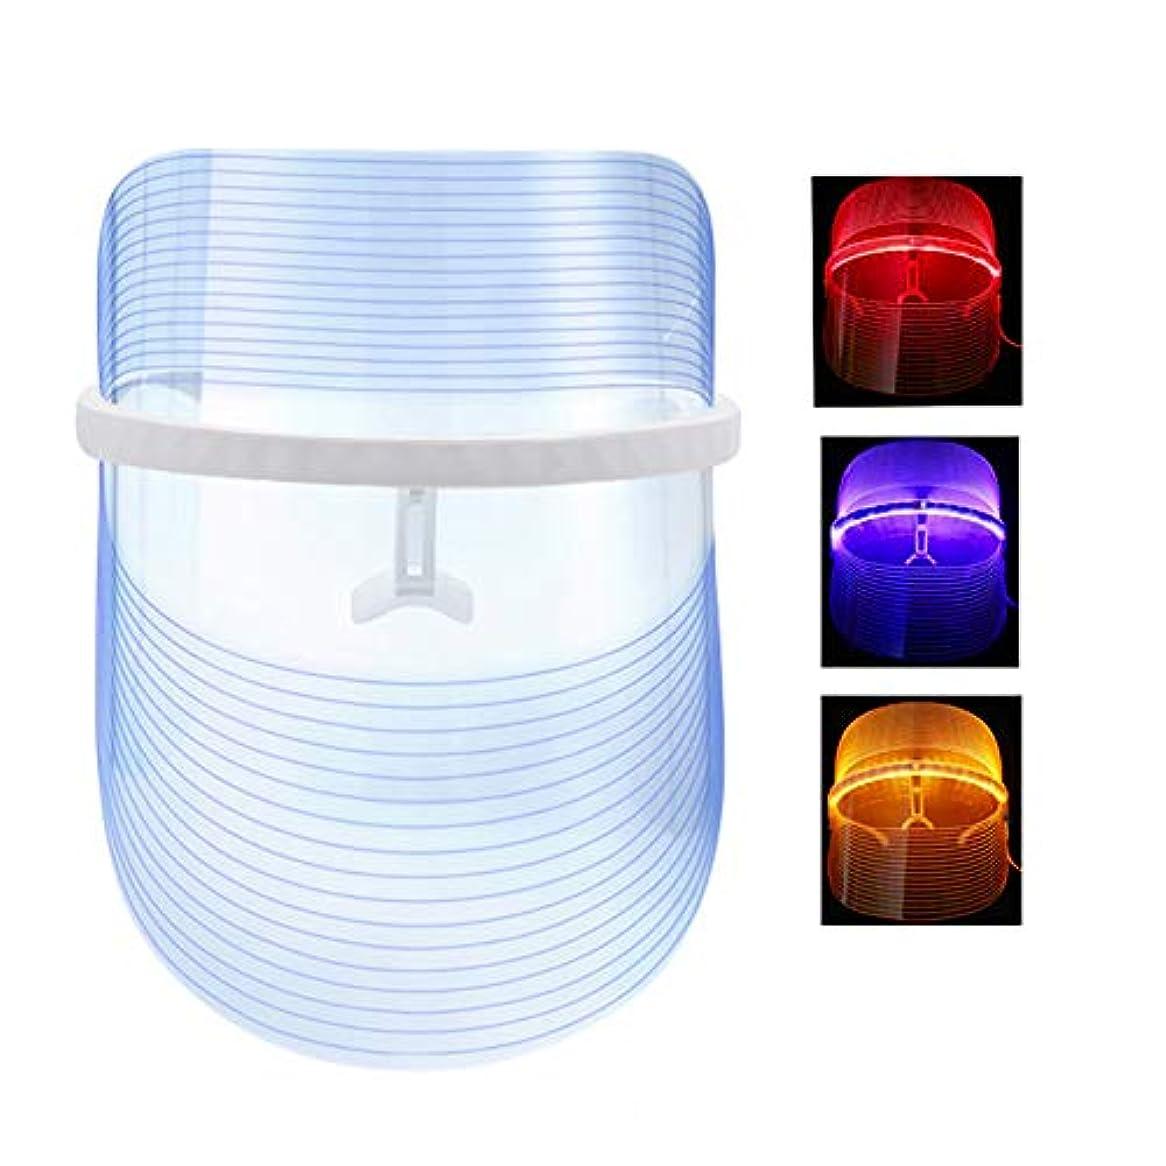 アラームマンハッタン有益な光療法フォトンマスクにきび治療フェイススキンケアの無制限セッション-個別に赤/青/オレンジのライト